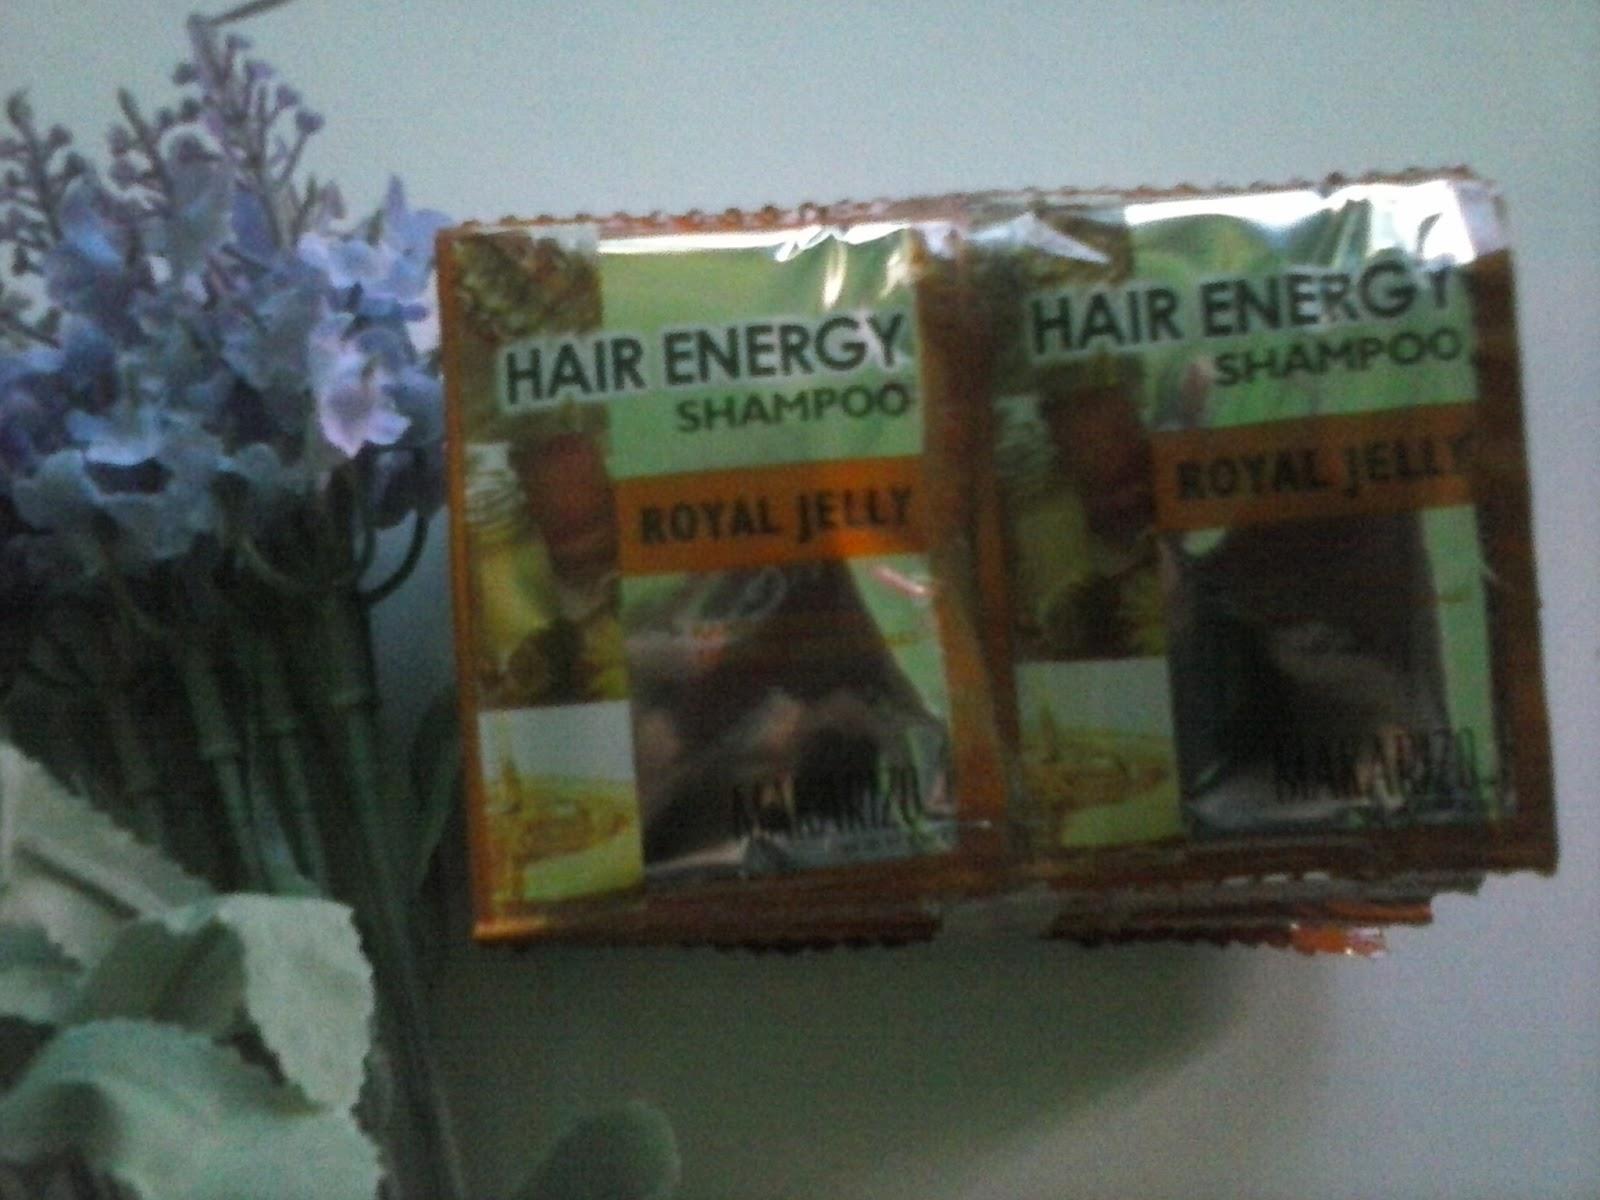 Review Makarizo Hair Energy Fibertherapy 60g X 4 Sachet Sebelumnya Aku Pake Sampo Madu Dan Krimbatnya Kebetulan Samponya Abis Juga Mau Karena Suka Sebagai Kondi Hehe So